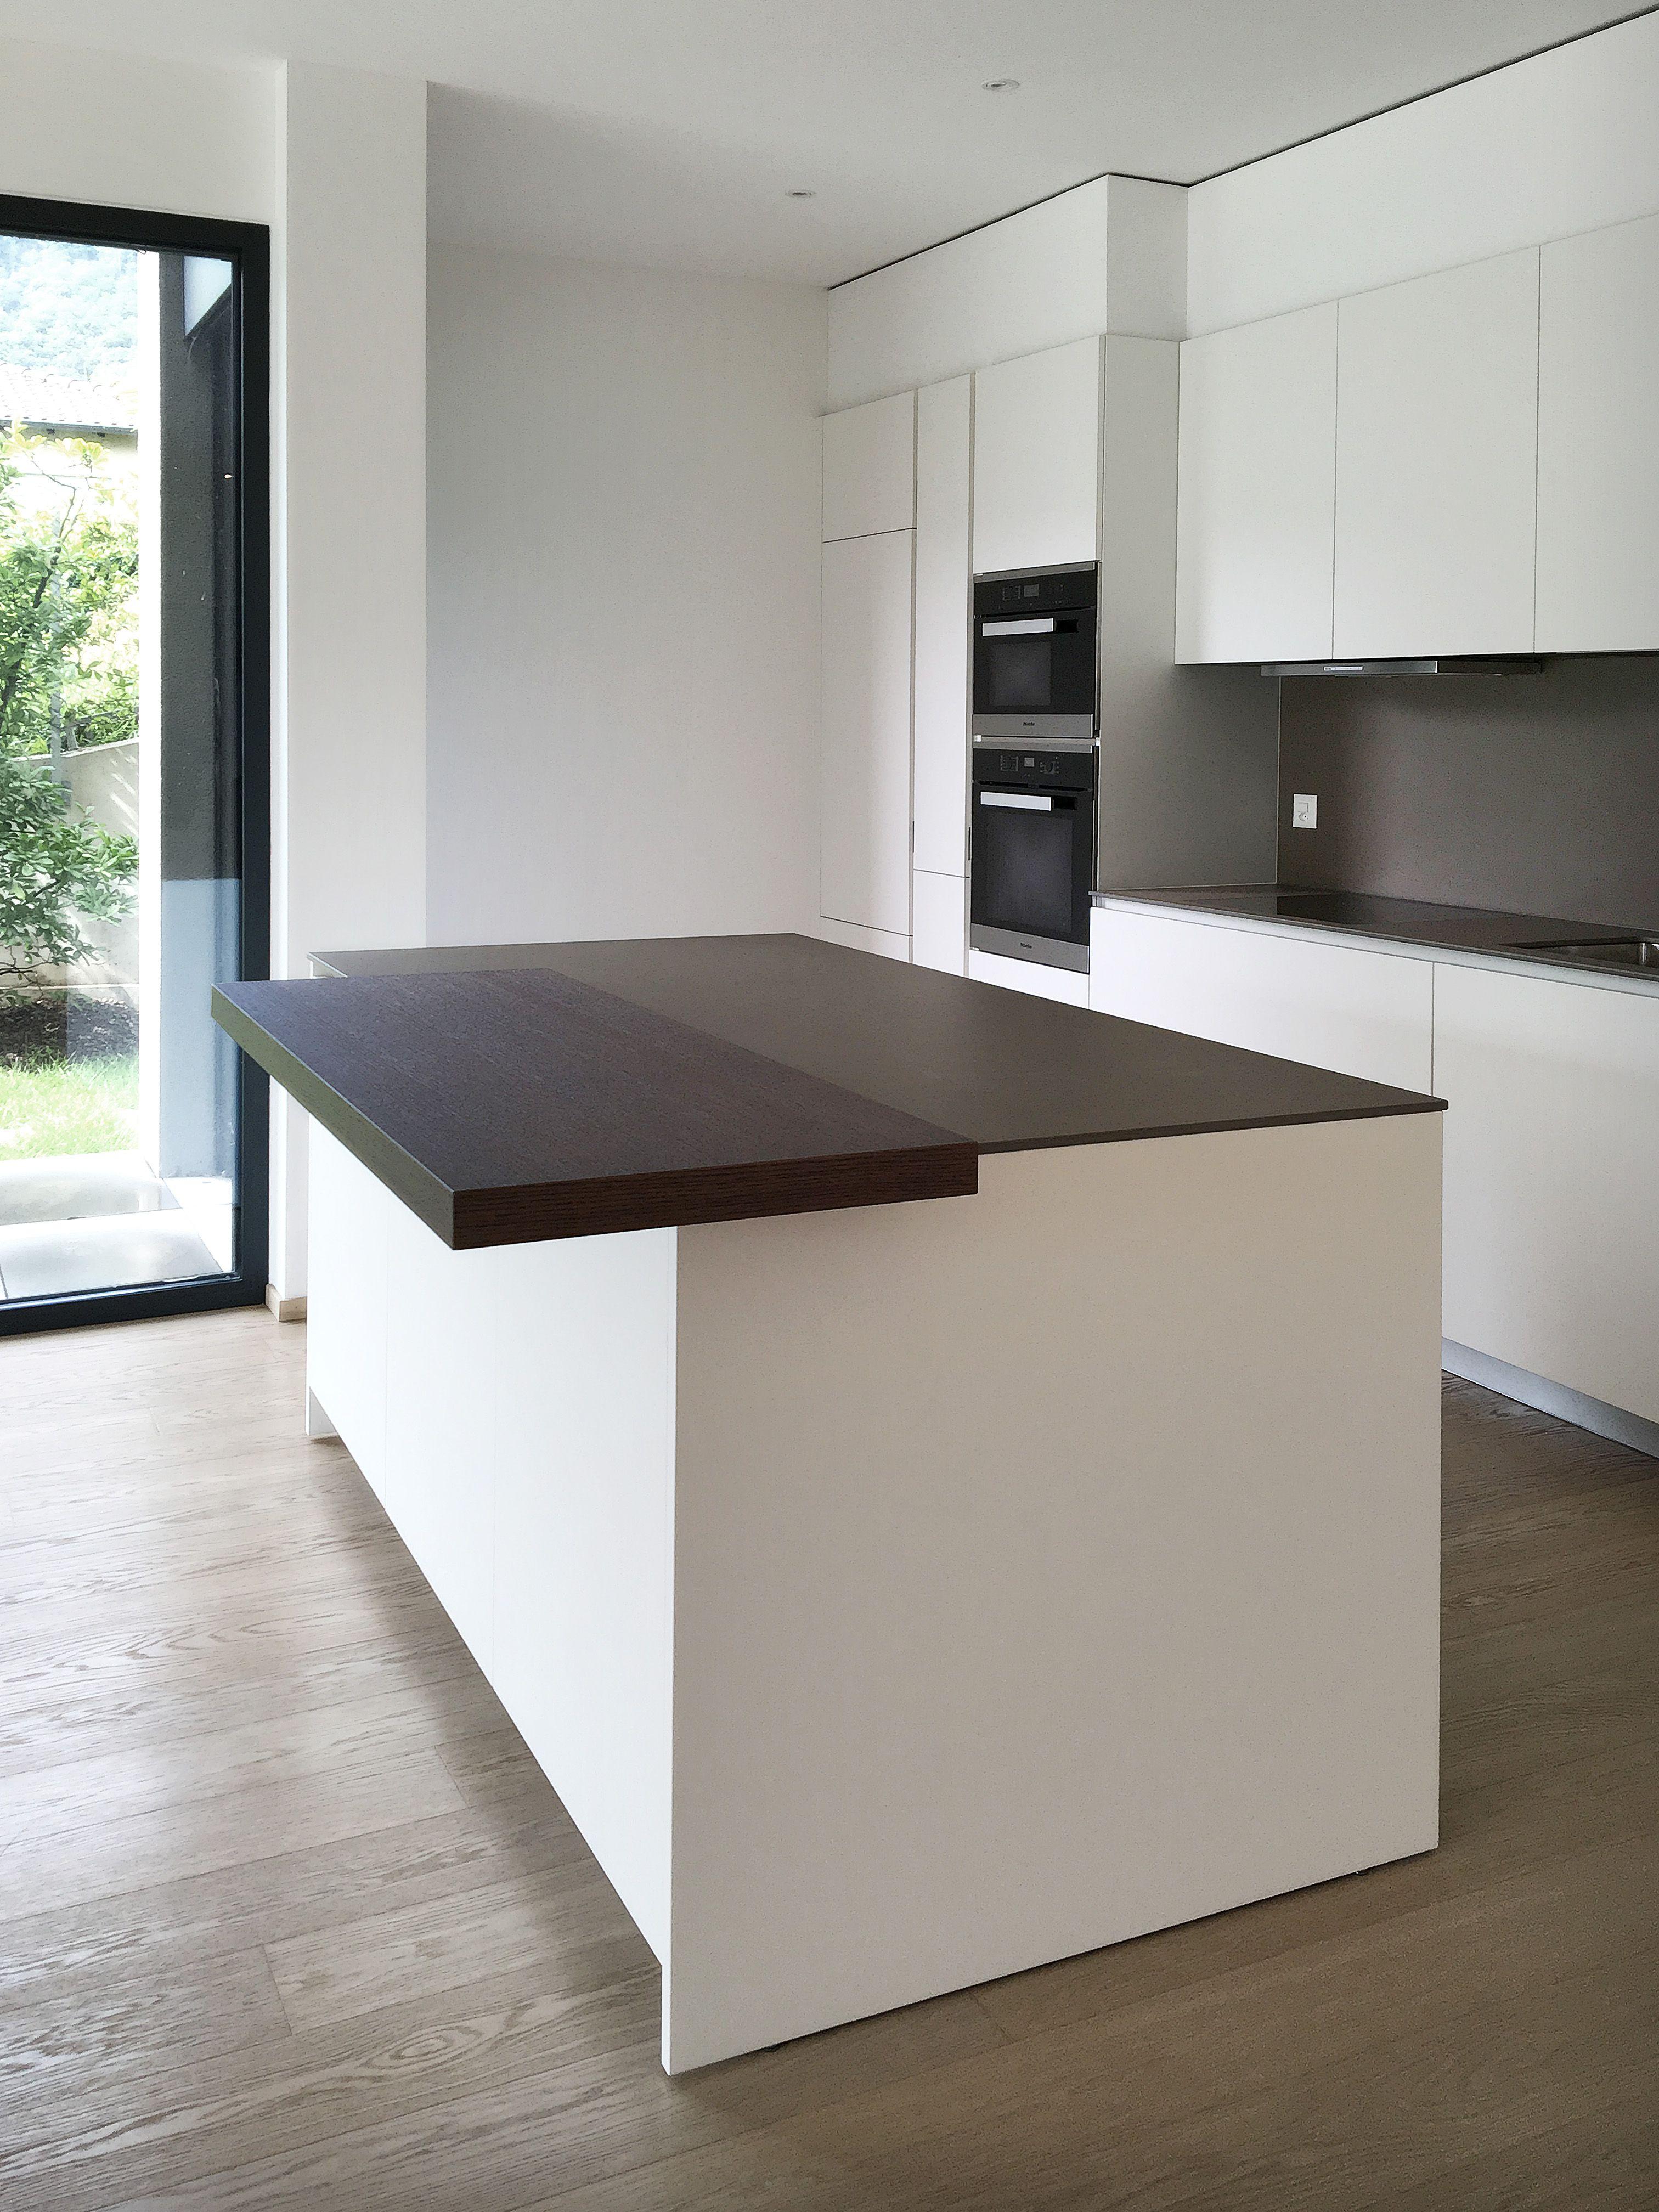 cucina design varenna poliform laccata bianca con piano in